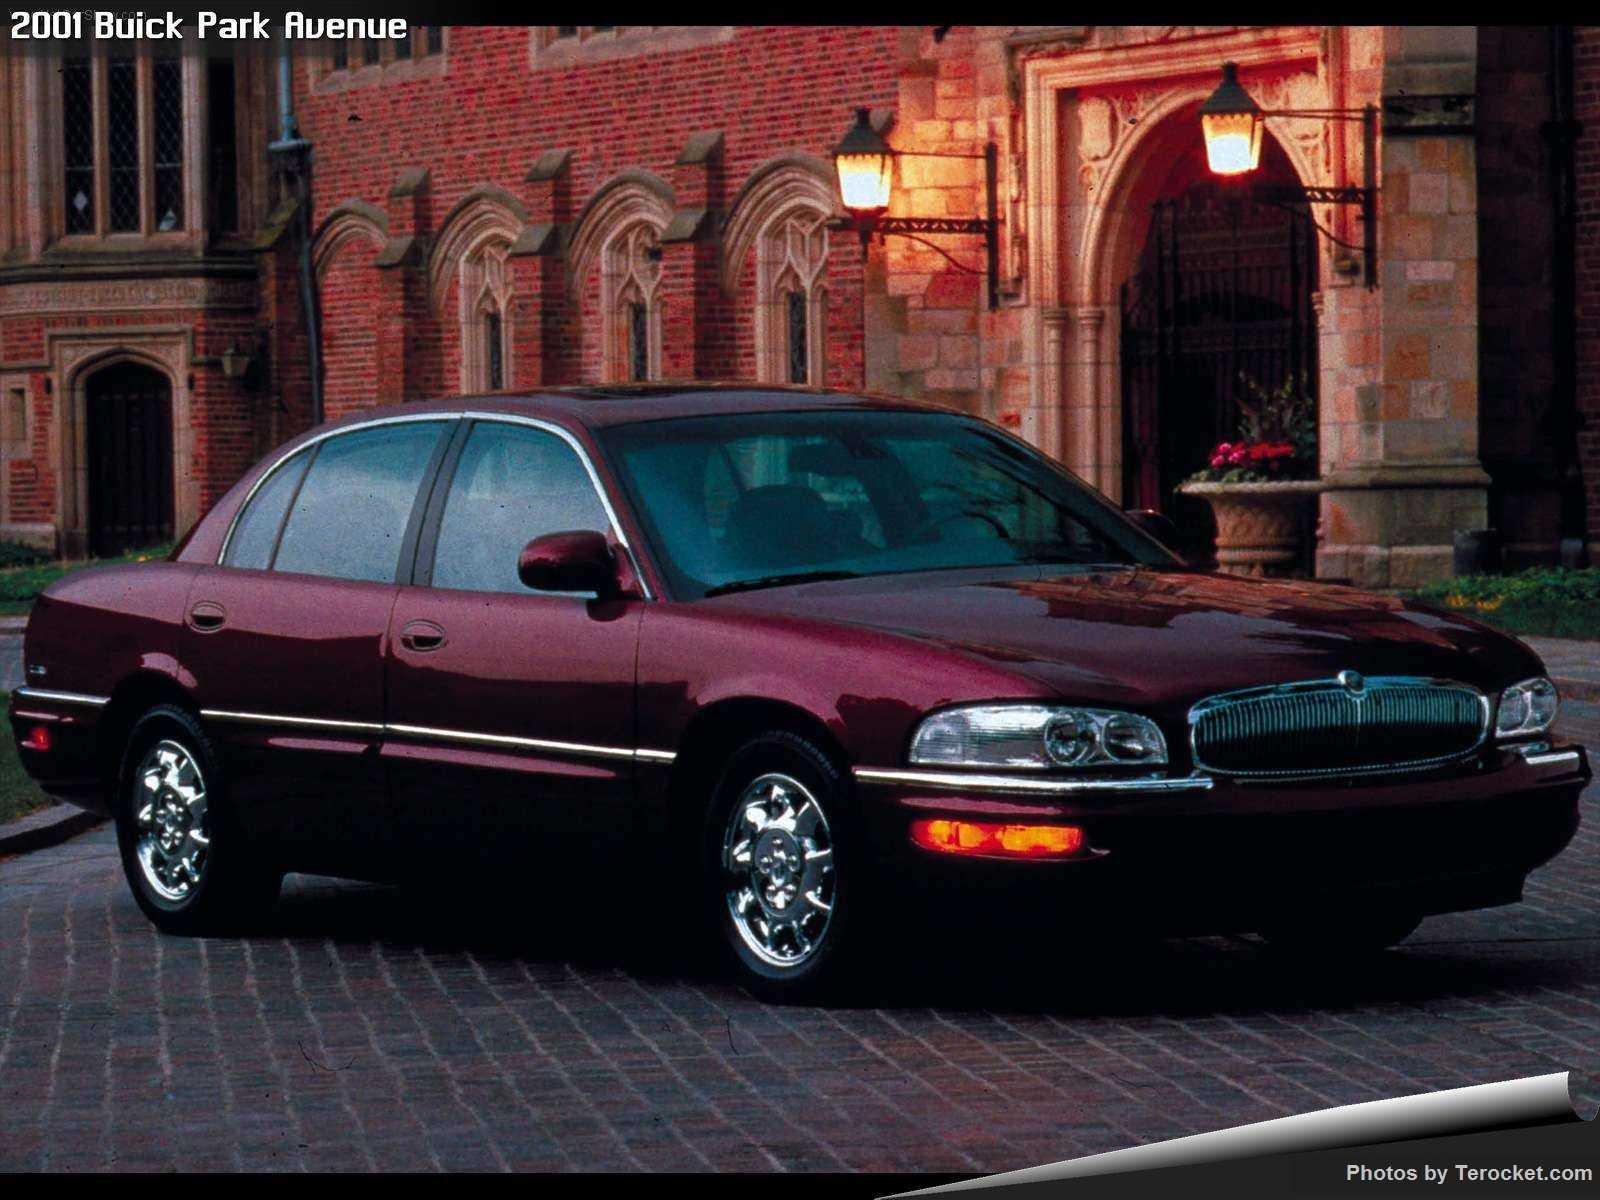 Hình ảnh xe ô tô Buick Park Avenue 2001 & nội ngoại thất